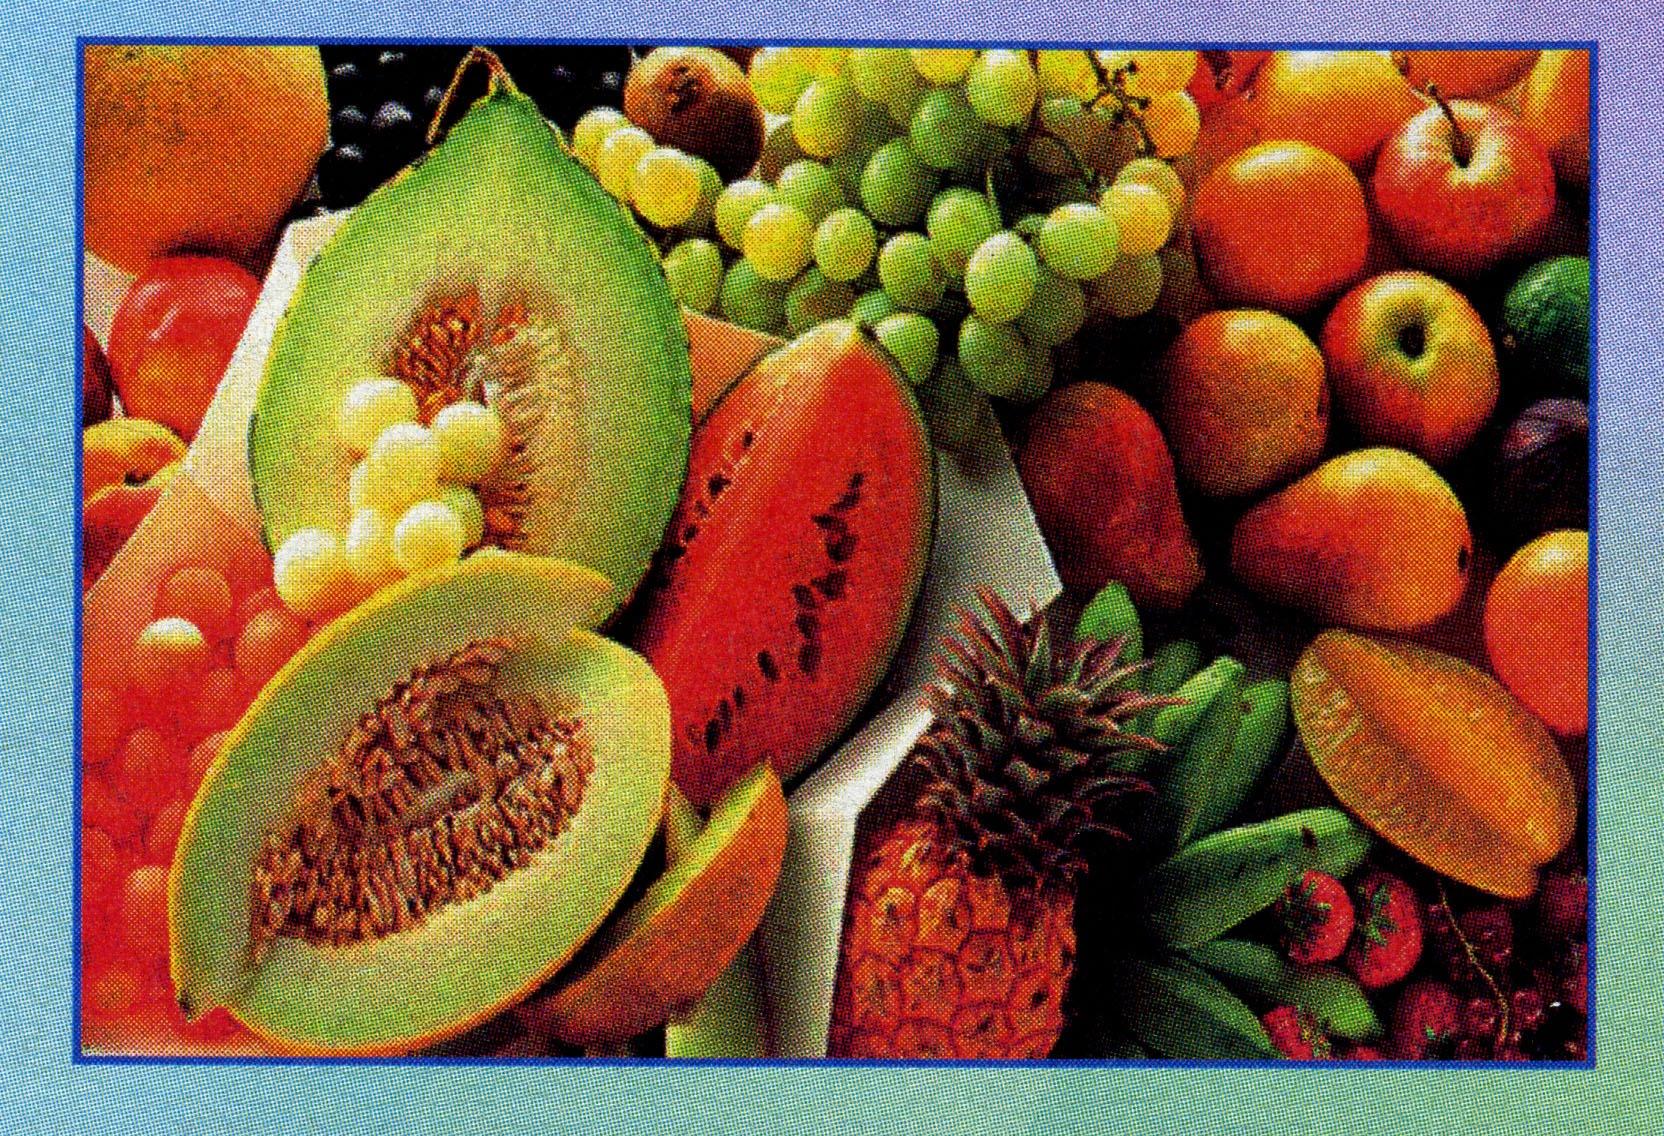 Угроза здоровью от загрязненной пищи